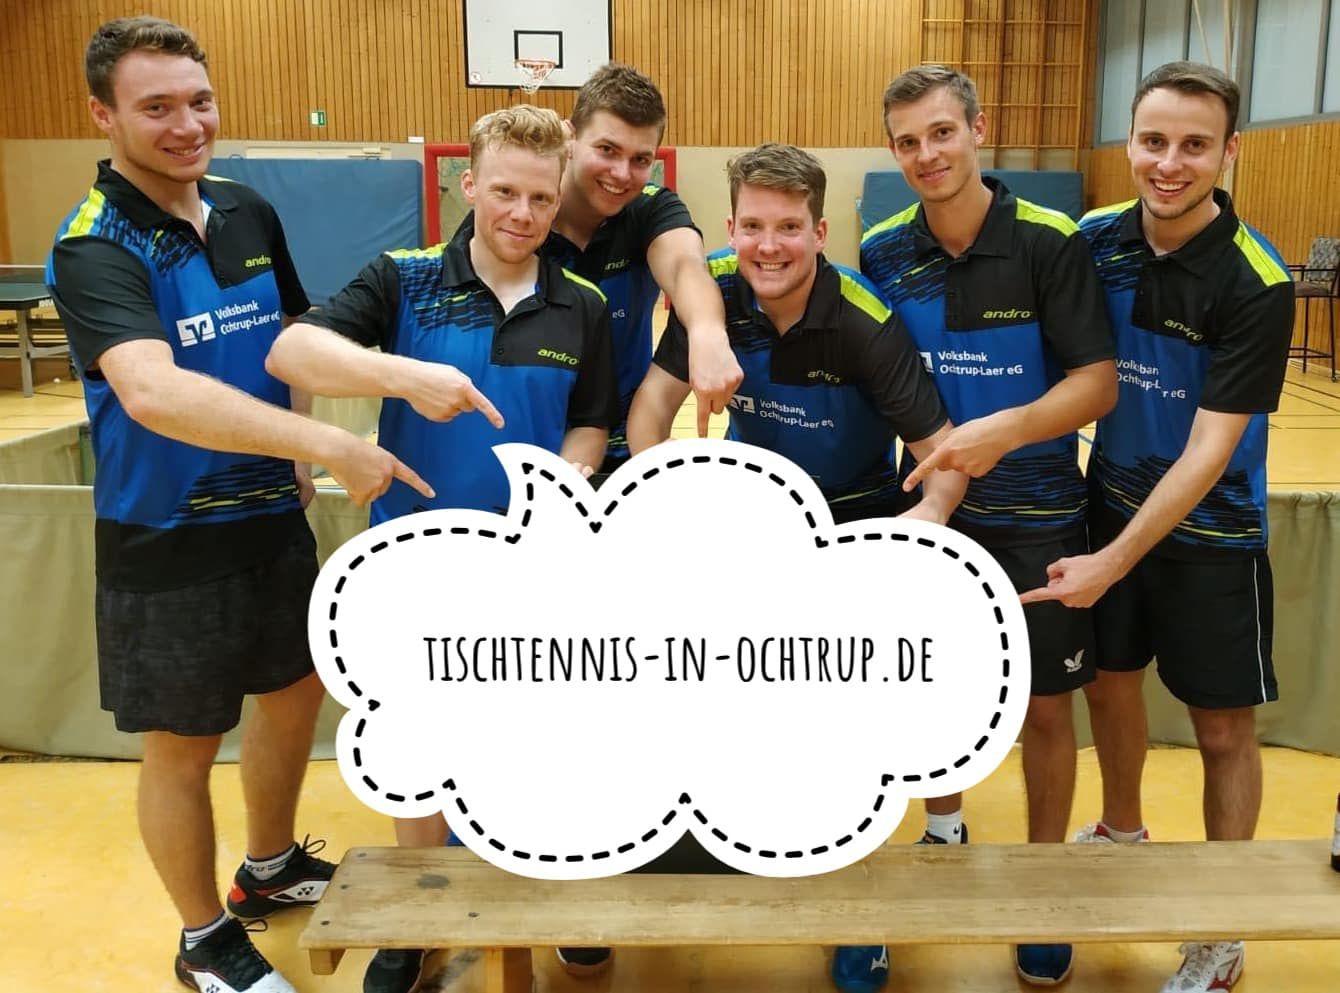 Aktuell   SC Arminia Ochtrup - Tischtennis